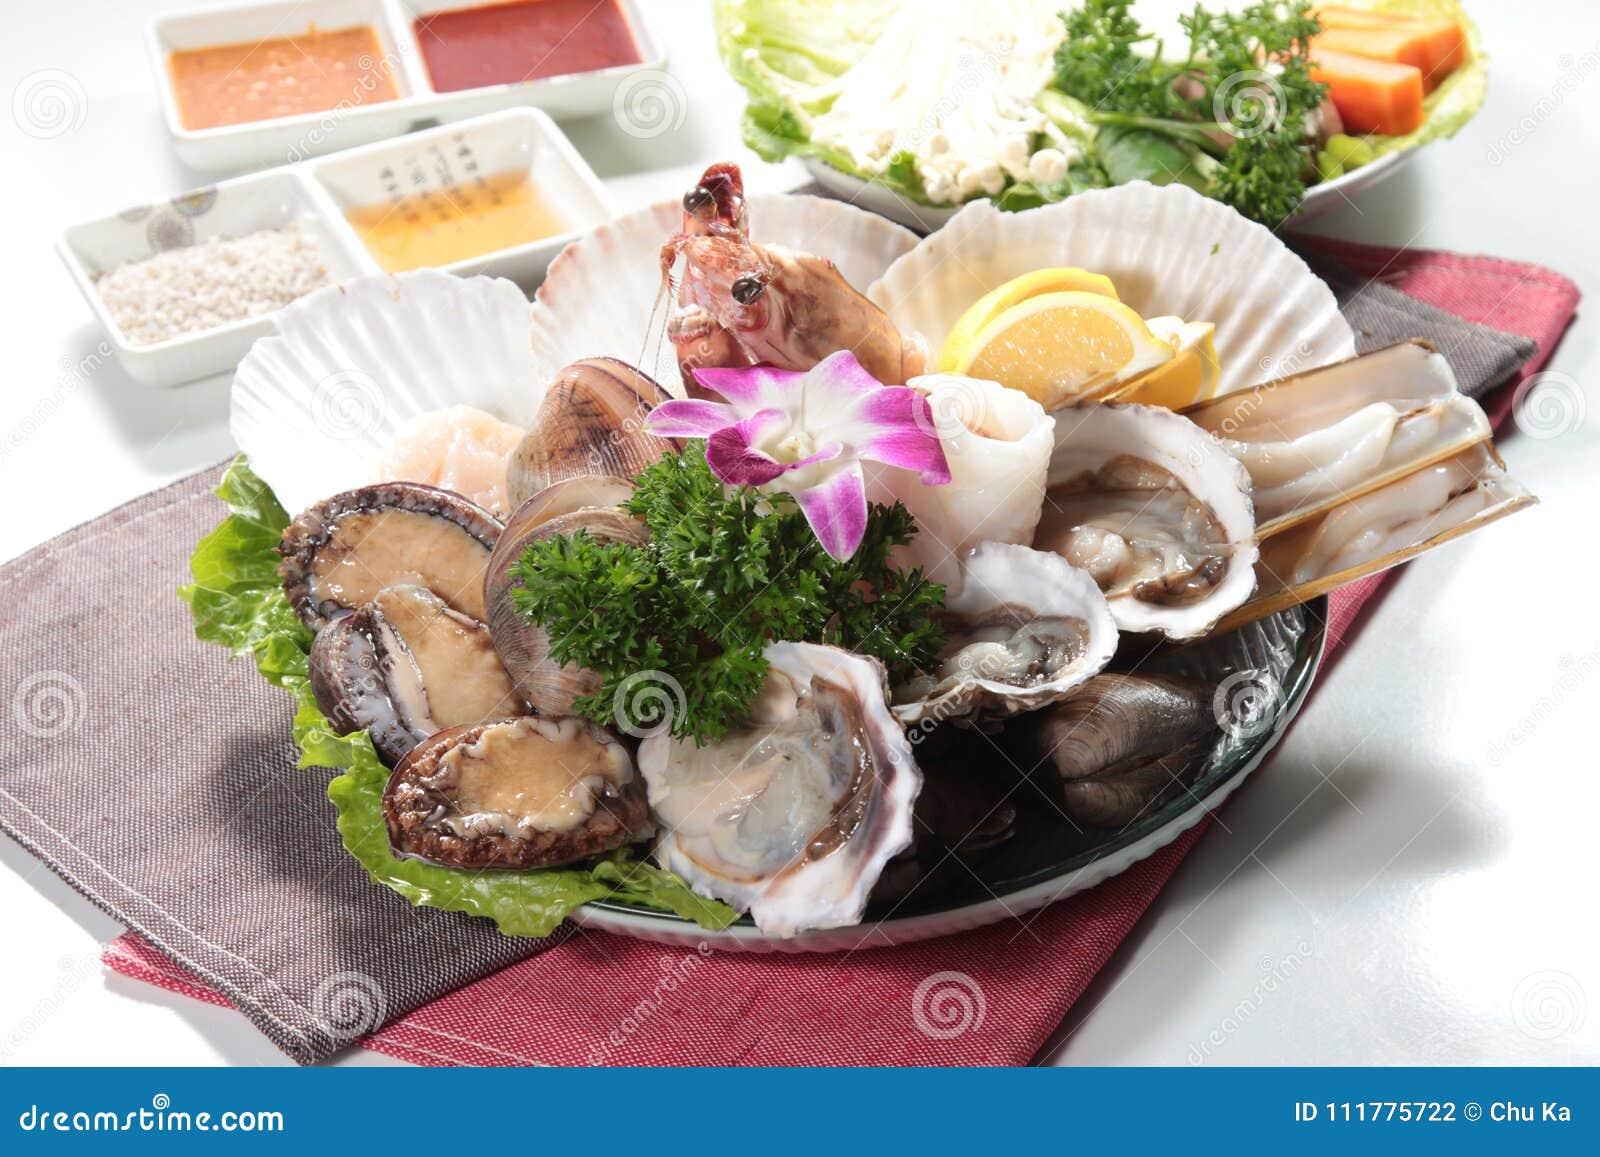 Cuisine fraîche et savoureuse de fruits de mer